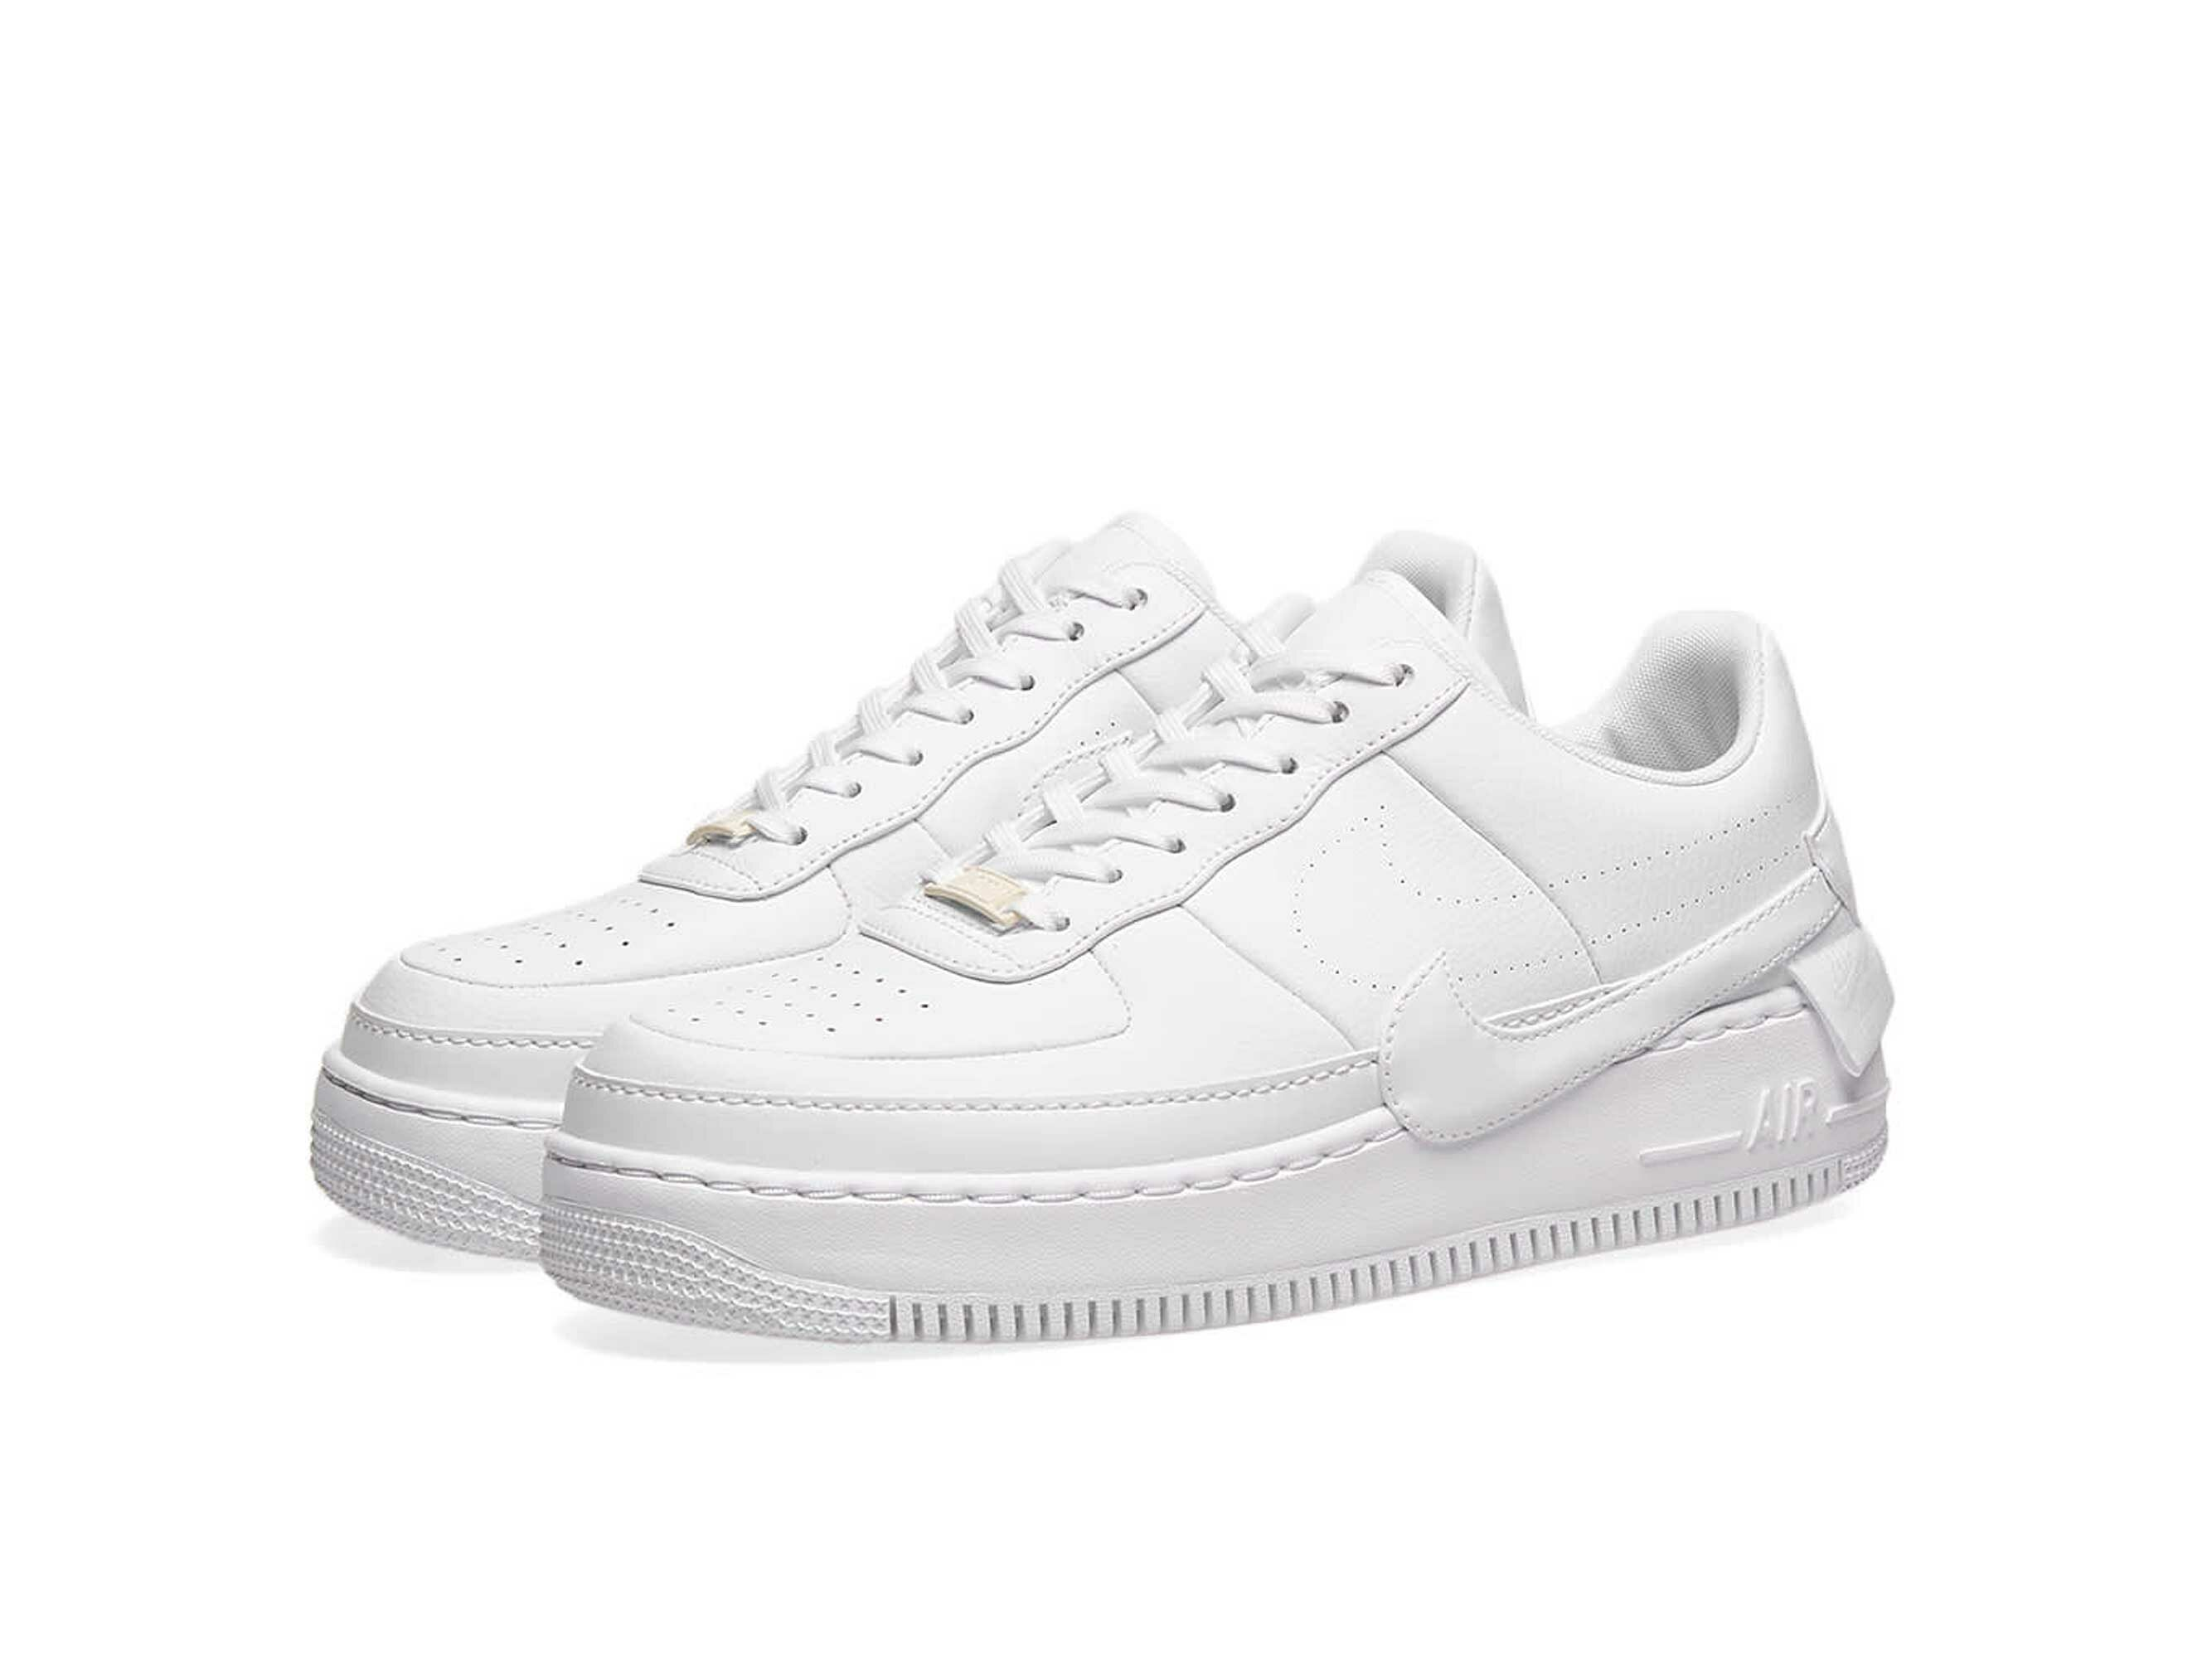 nike air force 1 jesterxxw white ao1220_101 купить